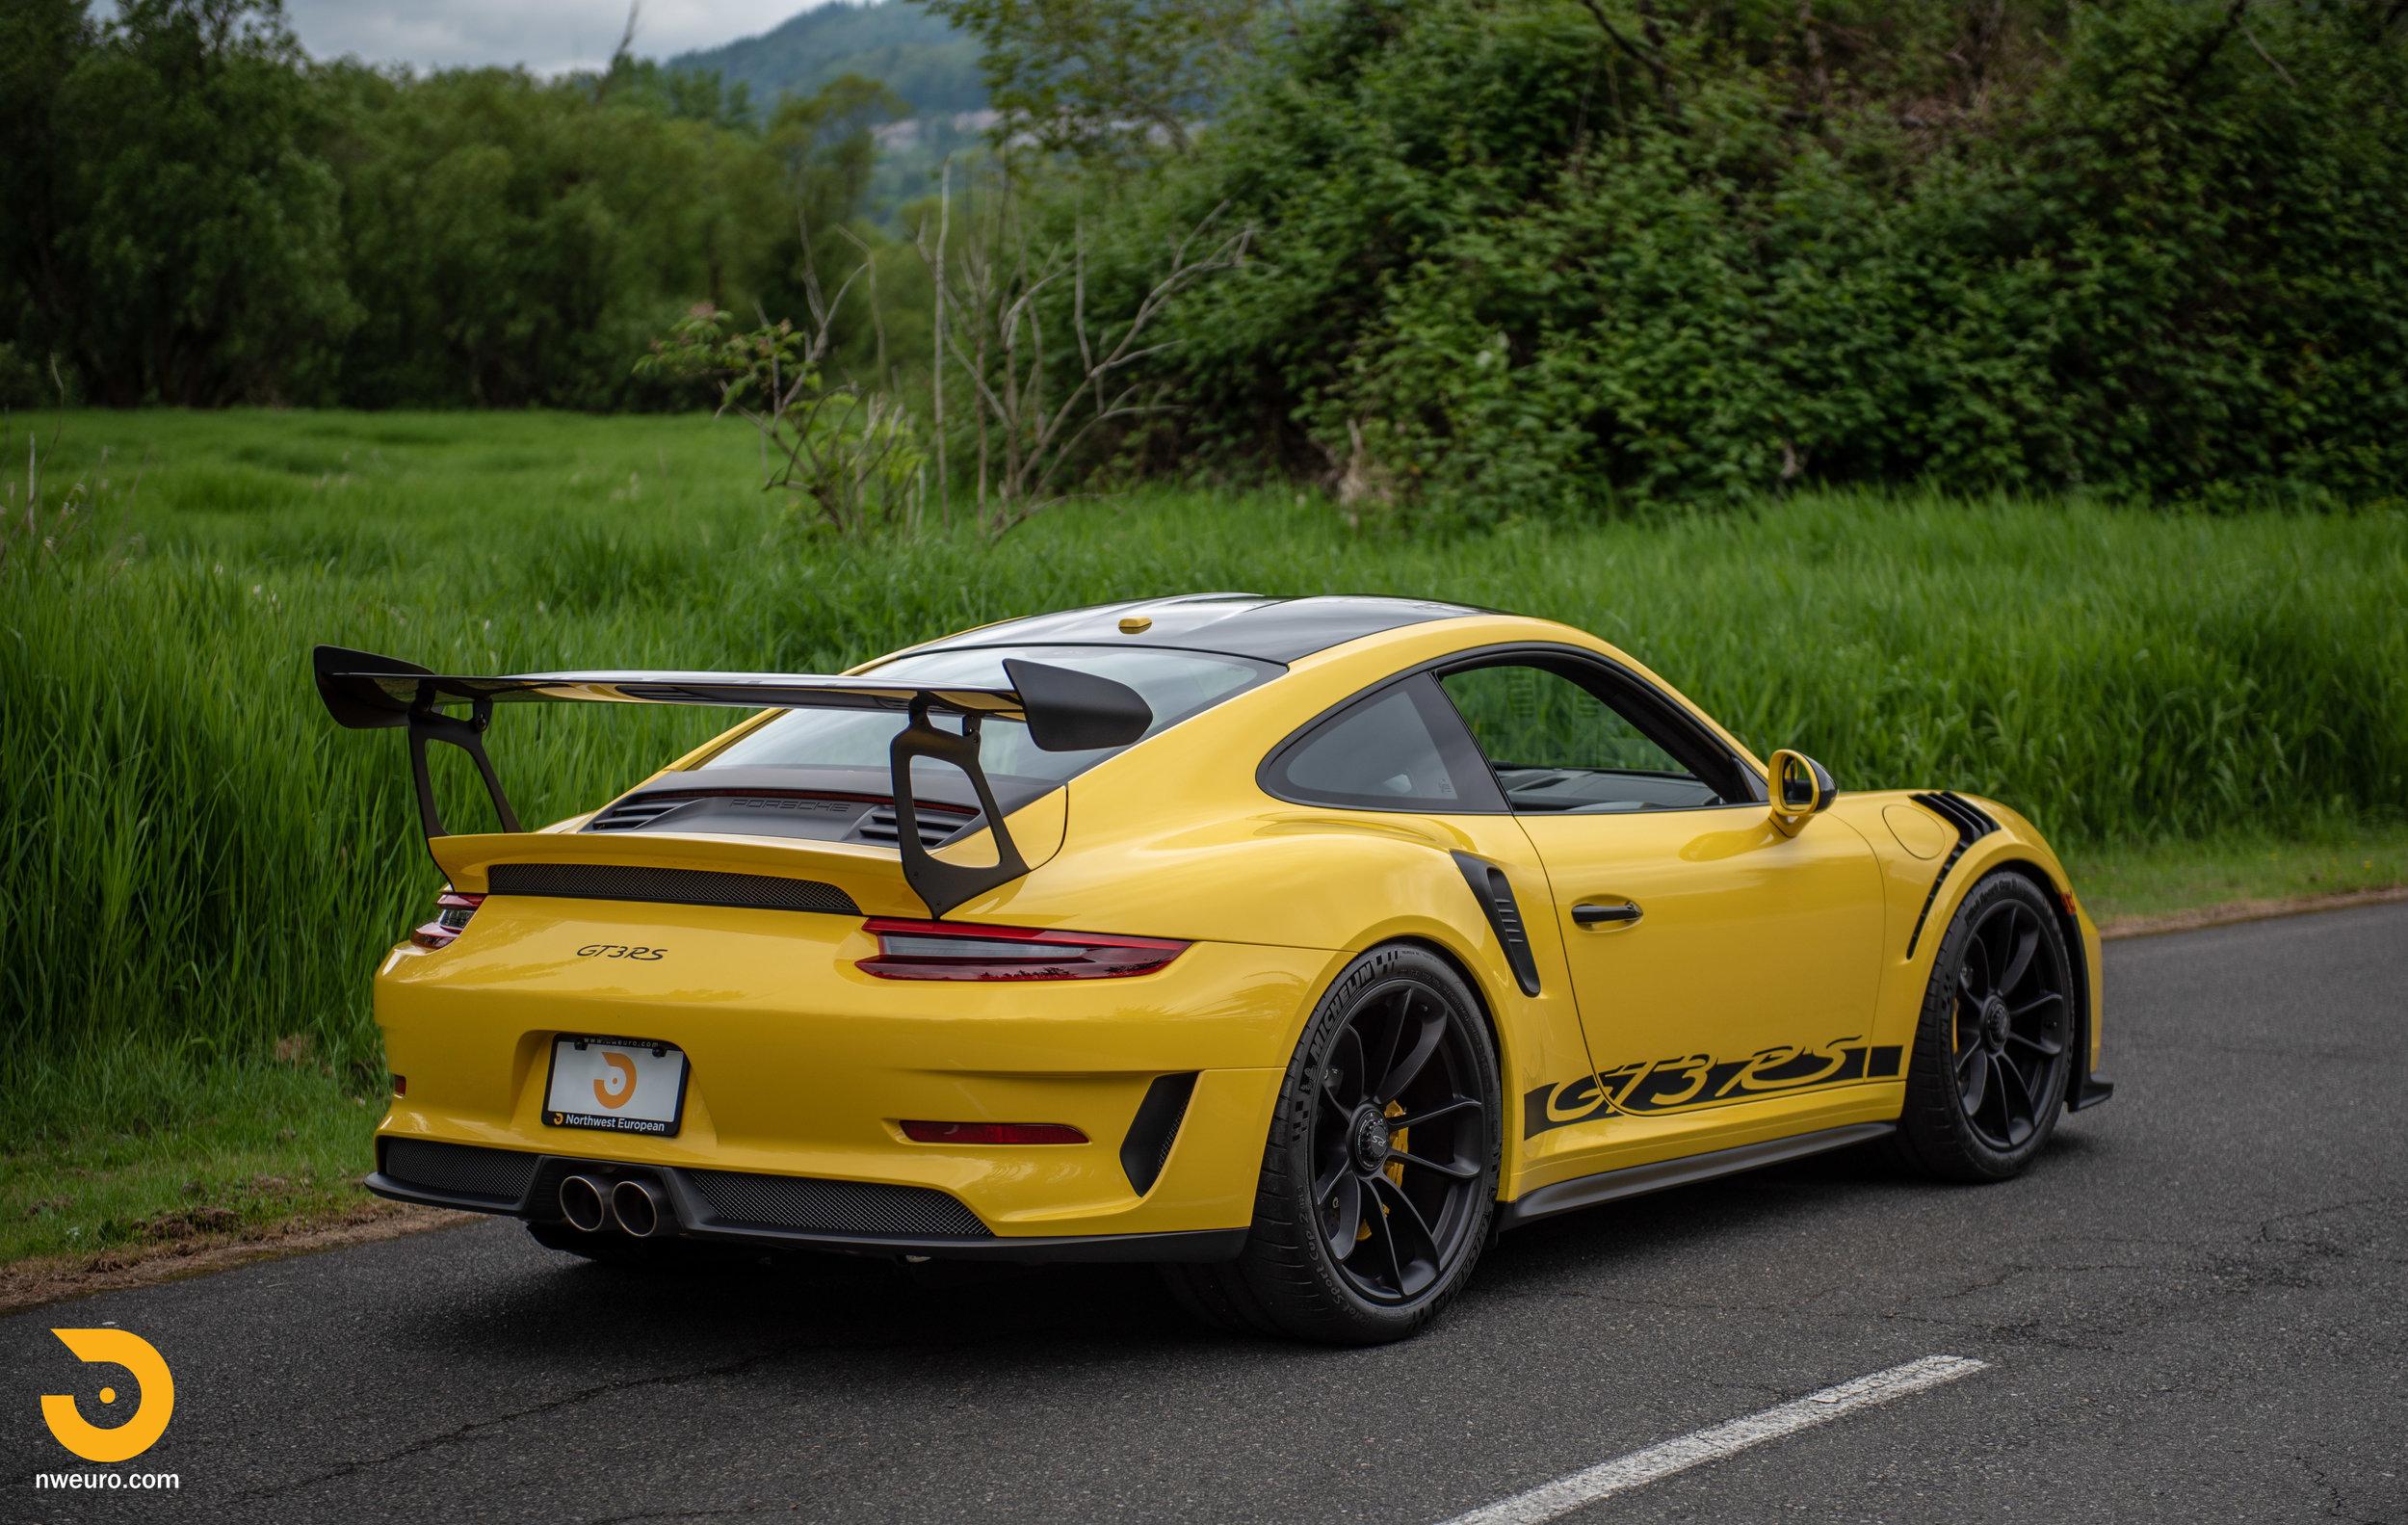 2019 Porsche GT3 RS-81.jpg